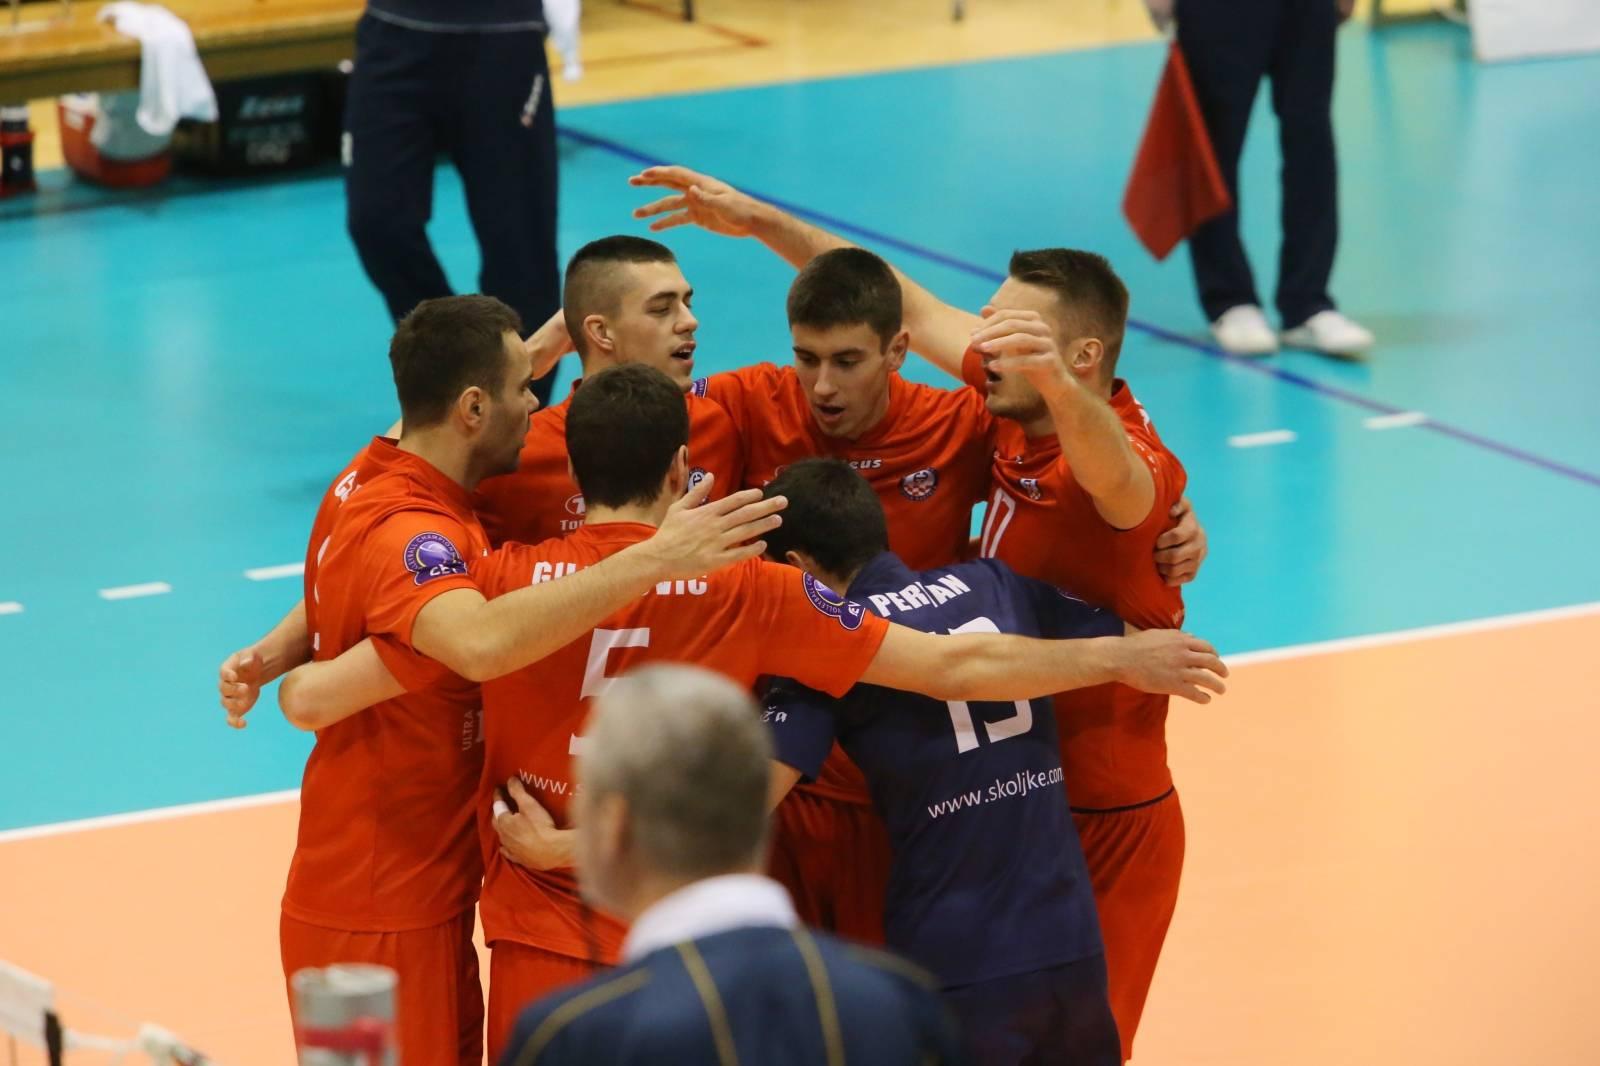 Samo u Hrvatskoj: Odigrali su dvije utakmice i postali prvaci?